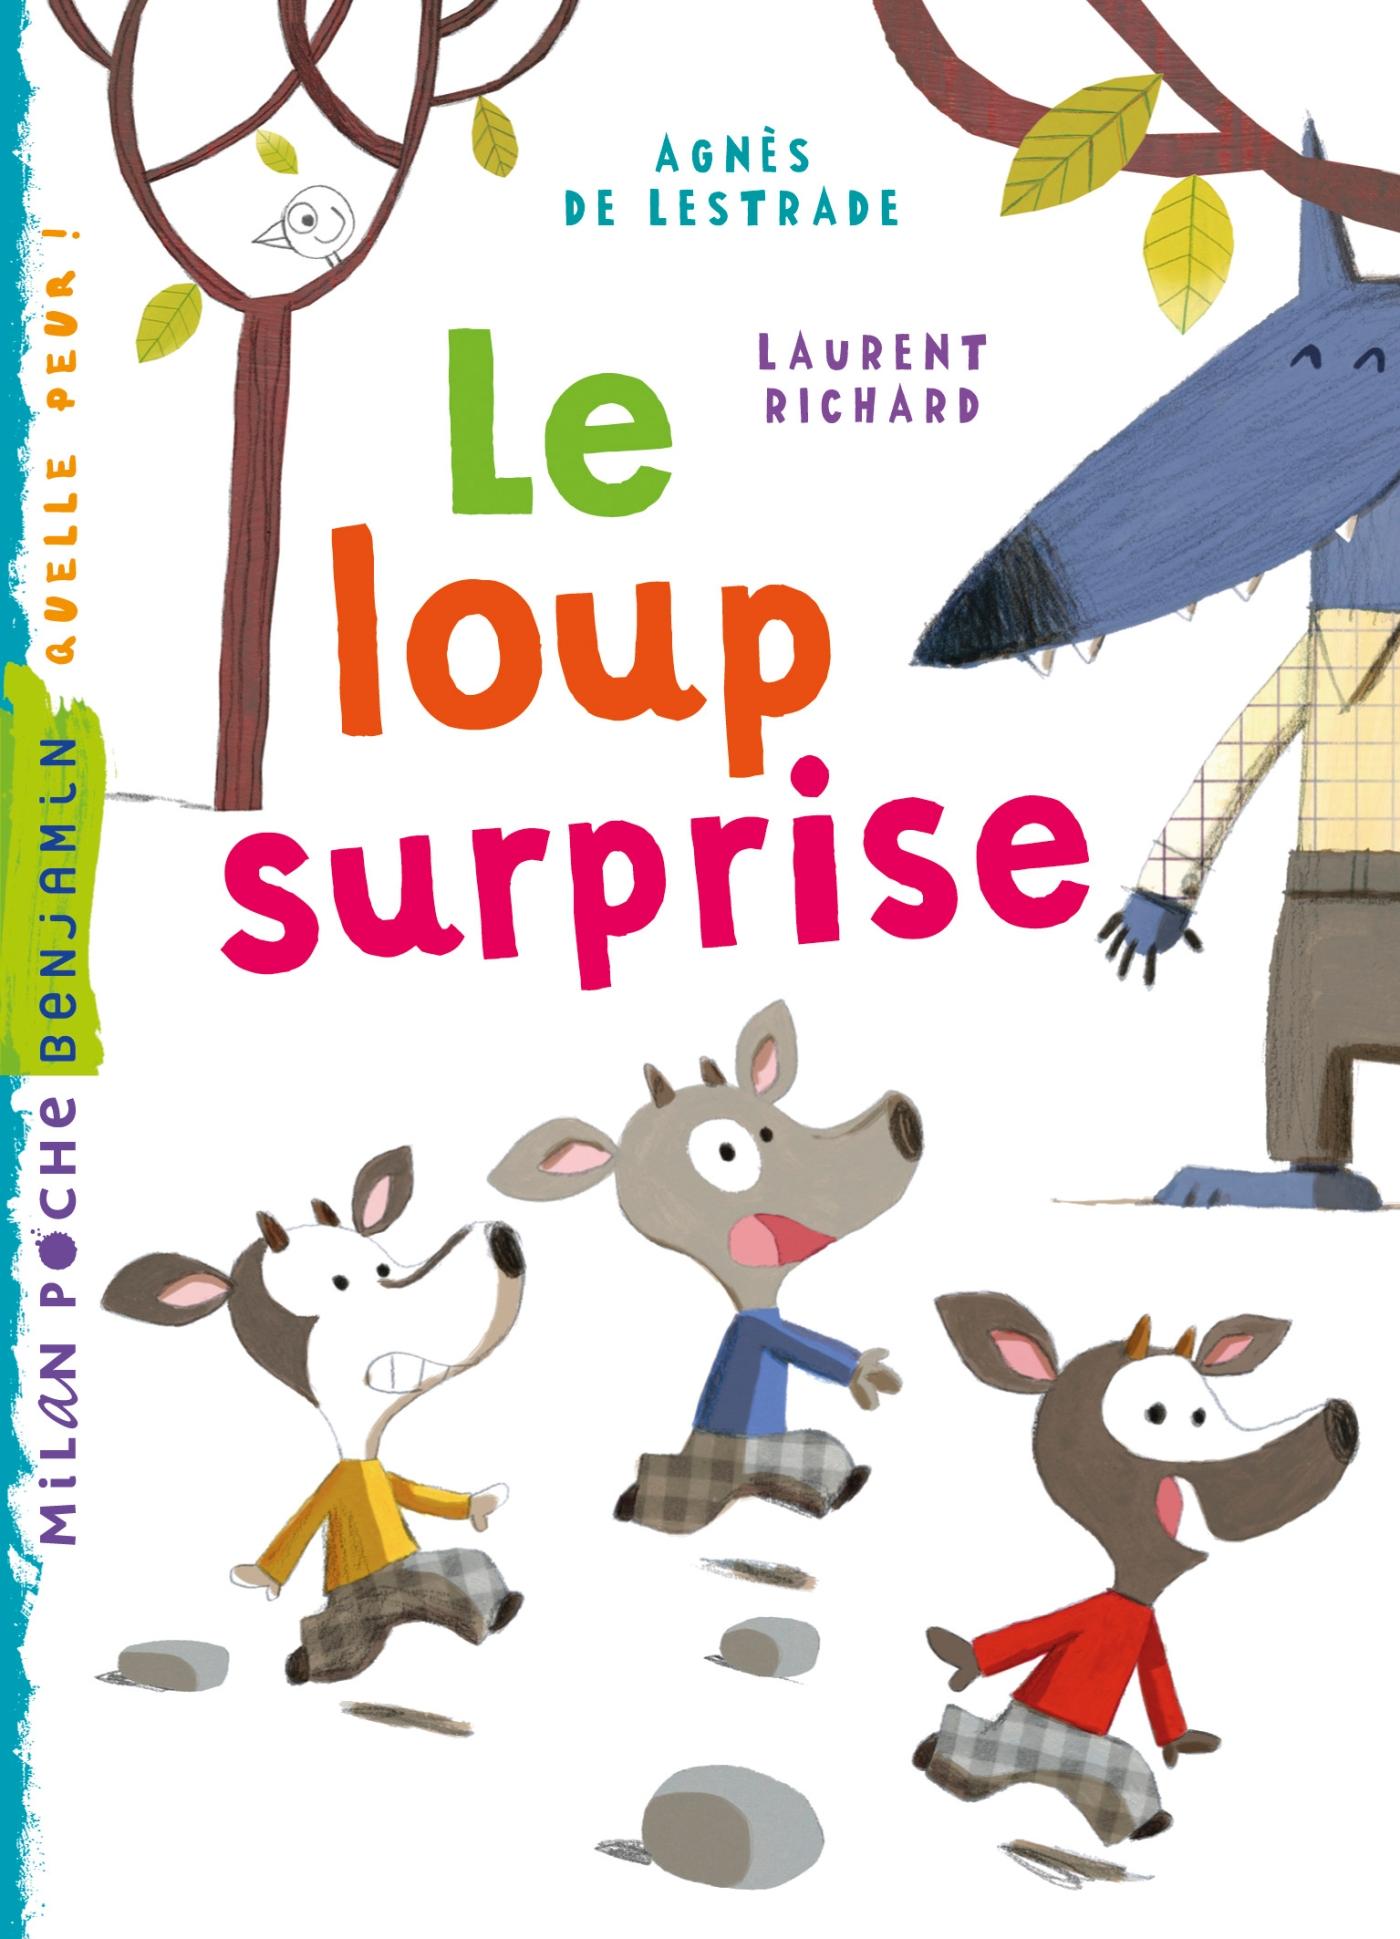 Le loup surprise | de Lestrade, Agnès. Auteur